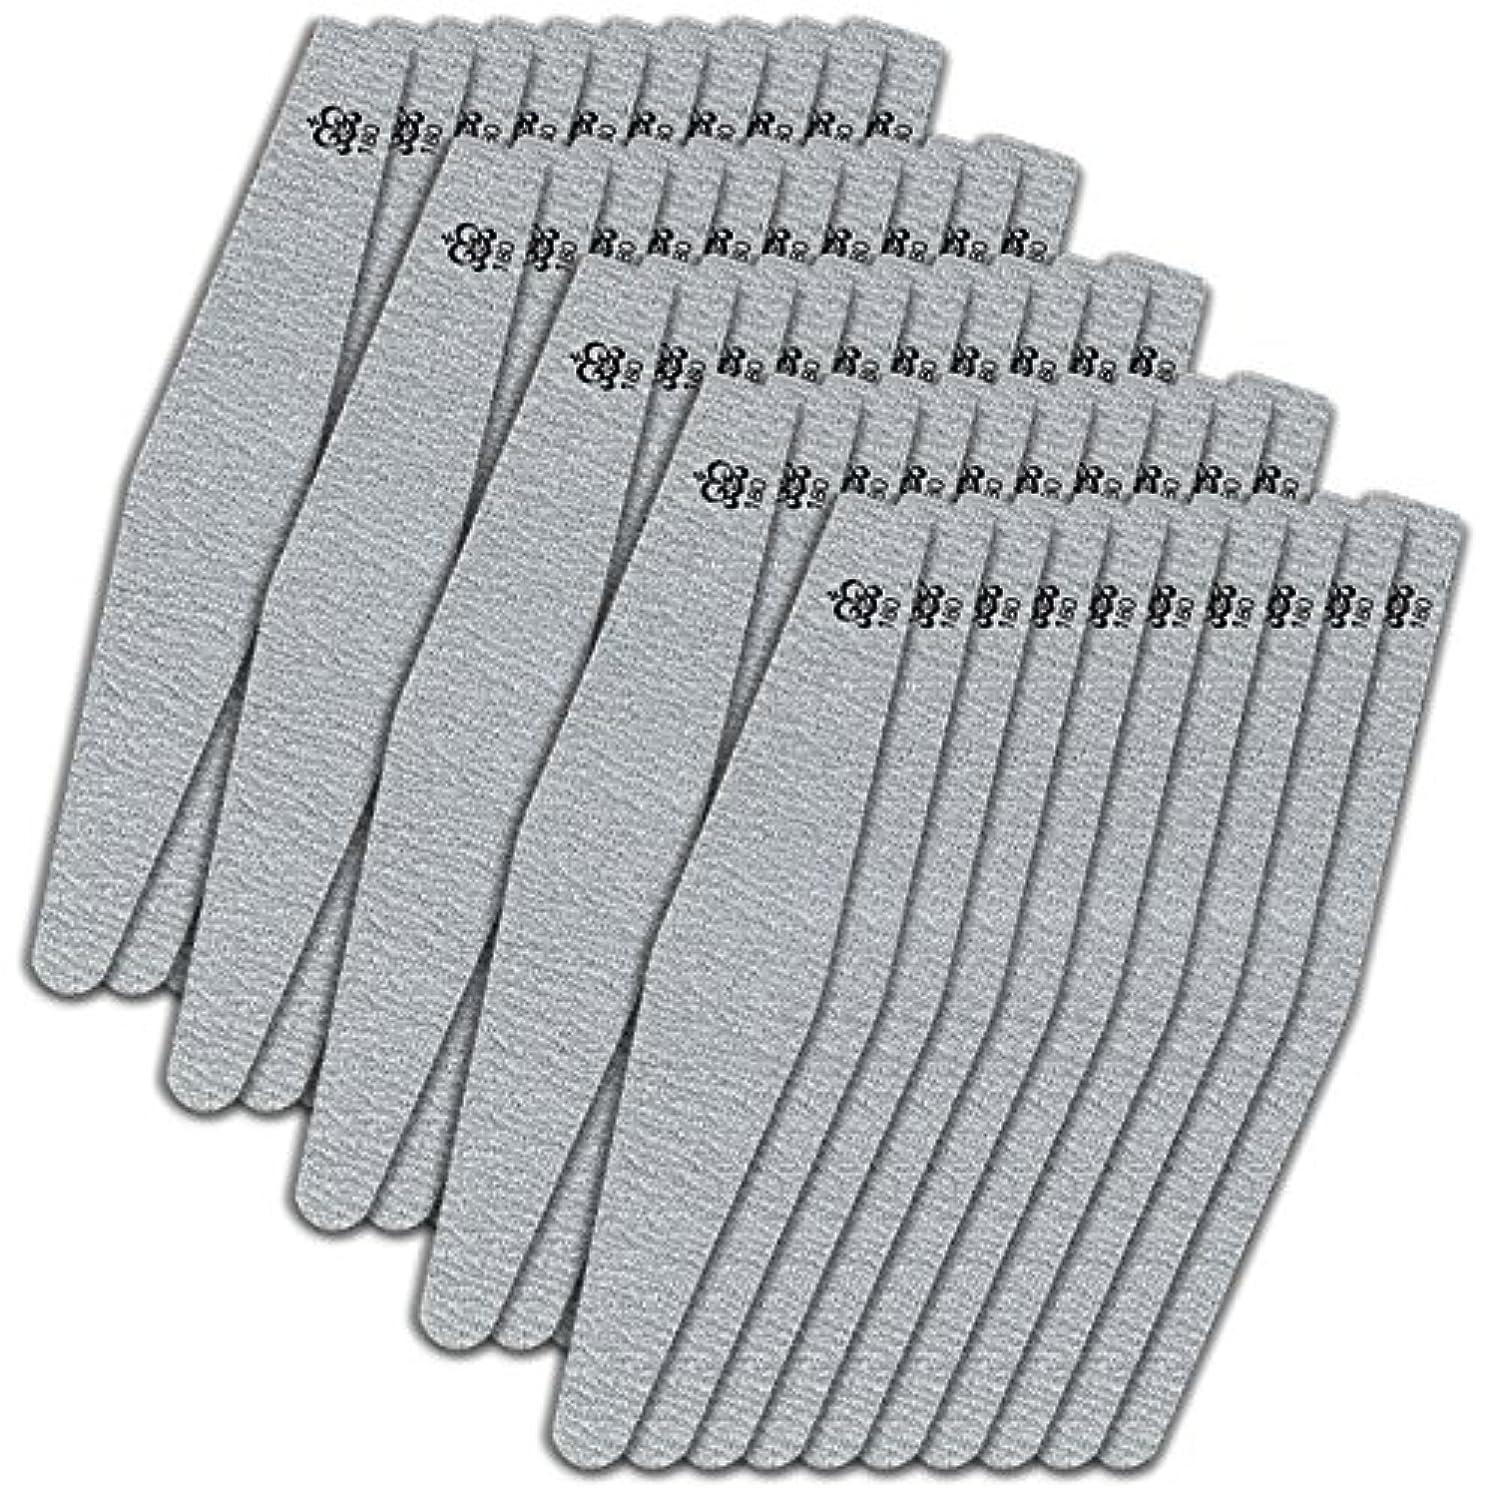 黒くするページキリスト教ミクレア(MICREA) ミクレア プロフェッショナルファイル バリューパック ダイヤ型 180G 50本入